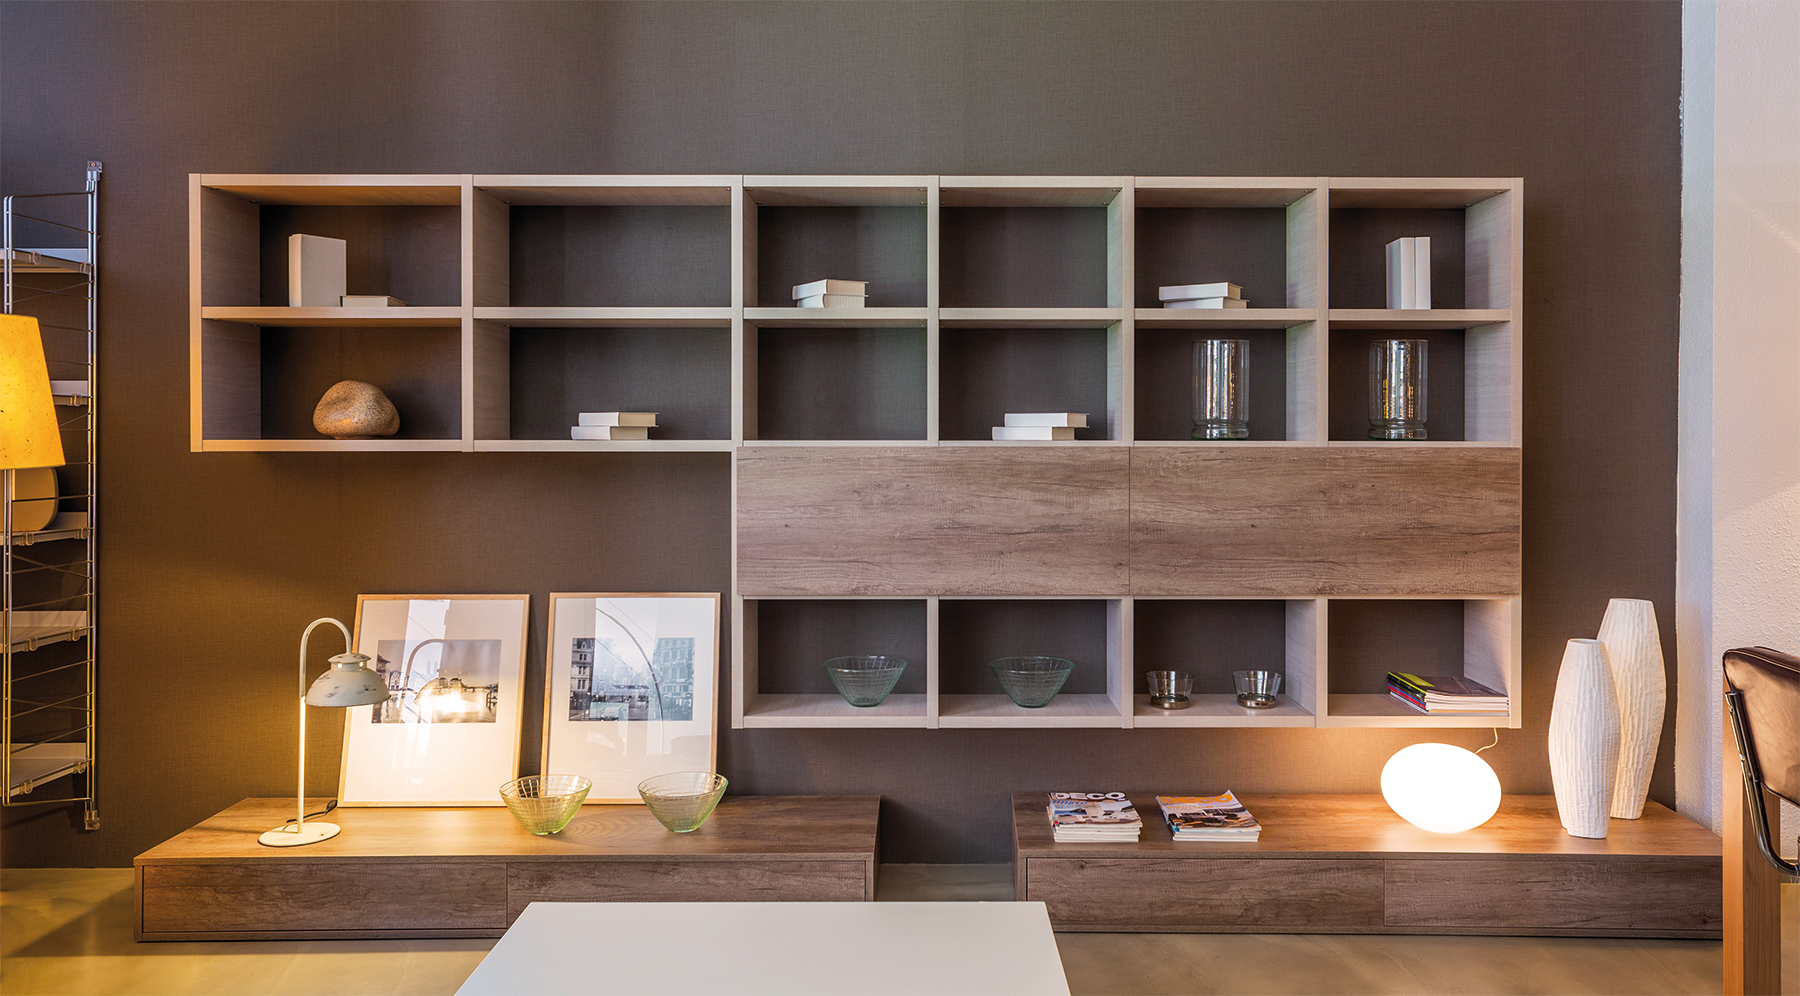 Bibliothèque contemporaine design sur-mesure1 - AM agencements